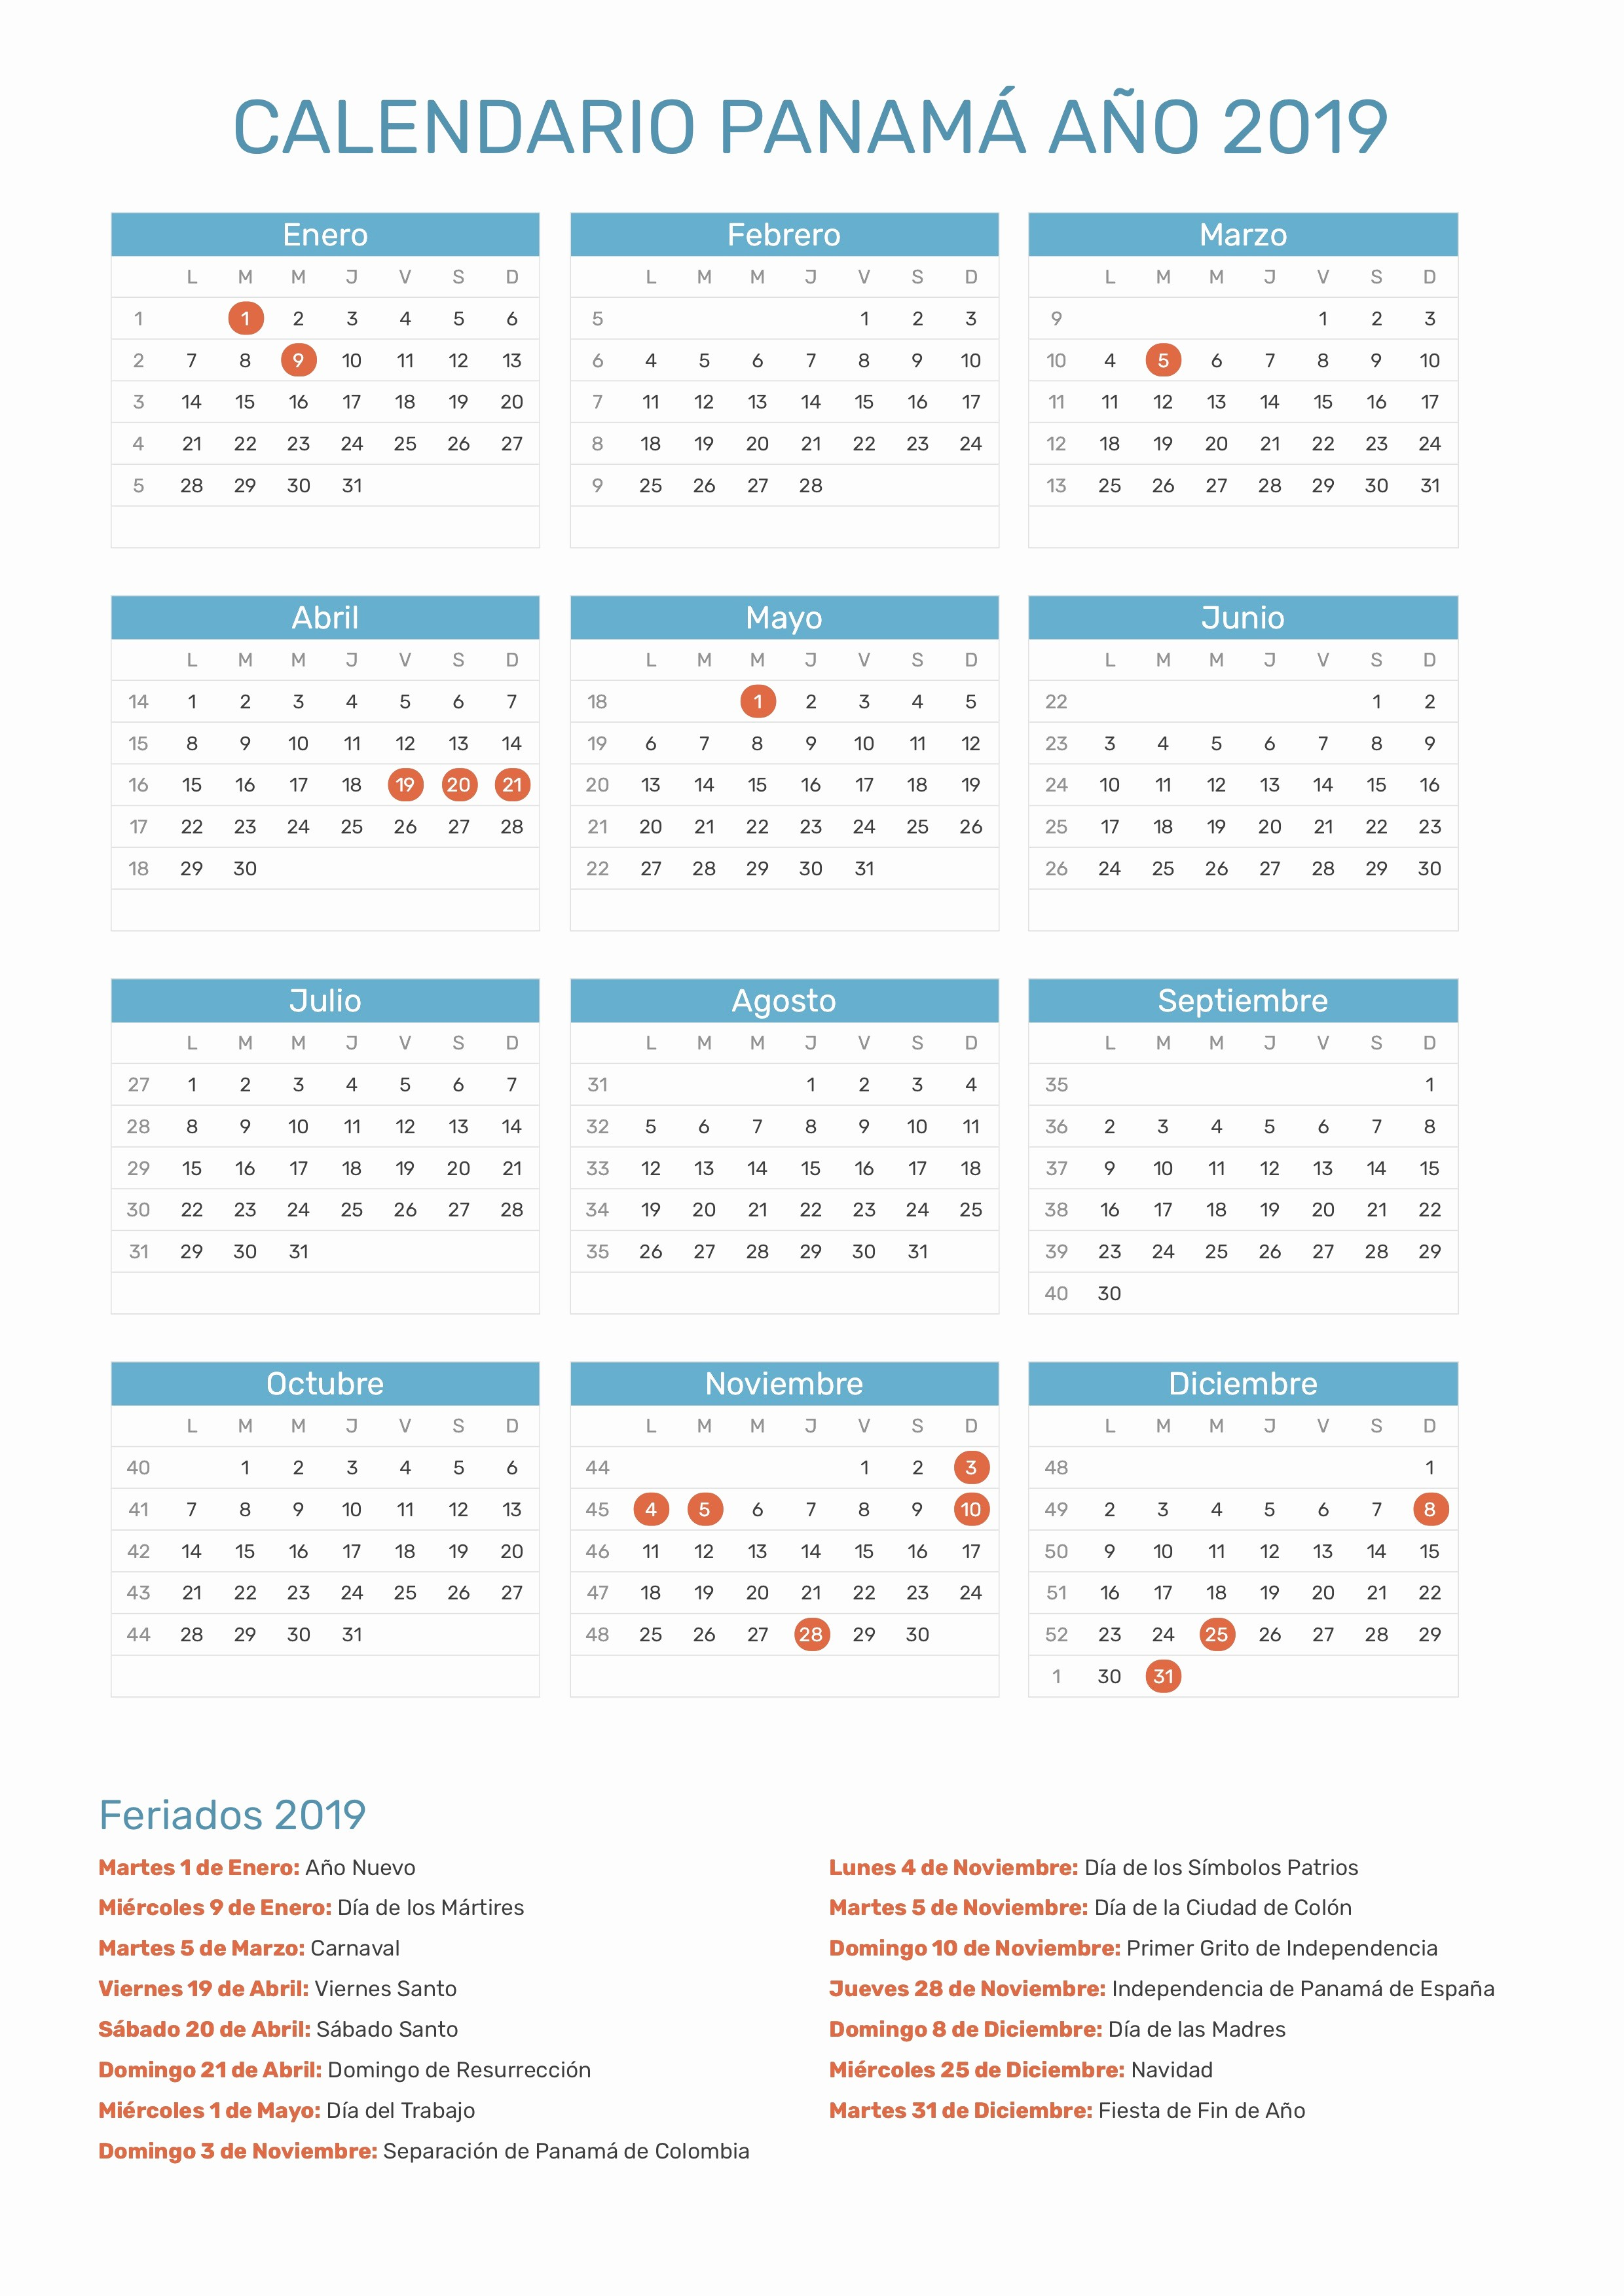 Calendario Escolar 2018 Y 2019 Sep Pdf Recientes Inicio Del Calendario Chino 2019 Calendario Escolar 2018 2019 De 195 Of Calendario Escolar 2018 Y 2019 Sep Pdf Actual Inspiraci³n 33 Ilustraci³n Calendario Escolar San Sebastian De Los